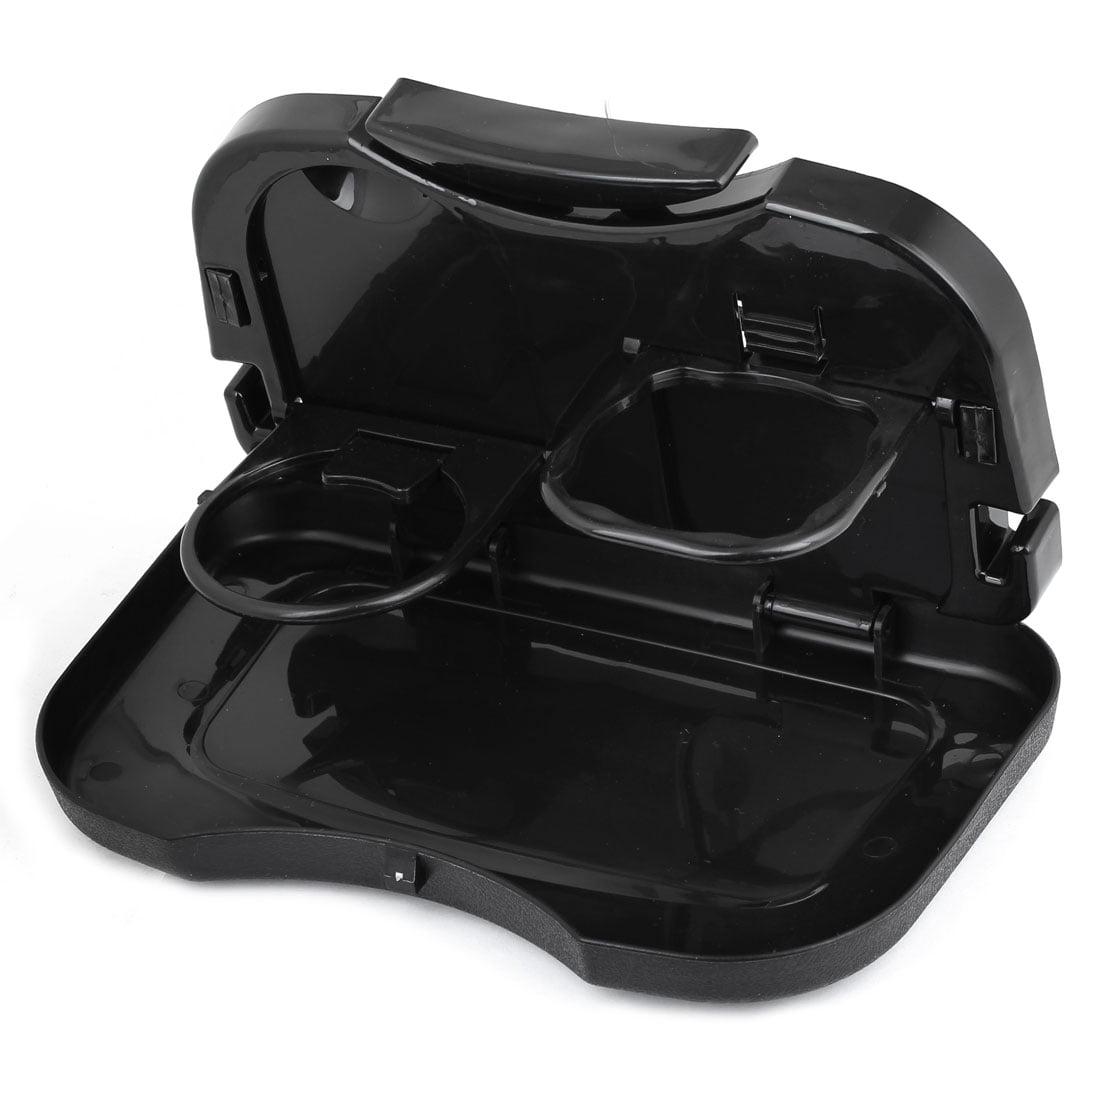 Durable Plastic Folding Back  Car Beverage Cup Holder Stand for Snack Beverage Black